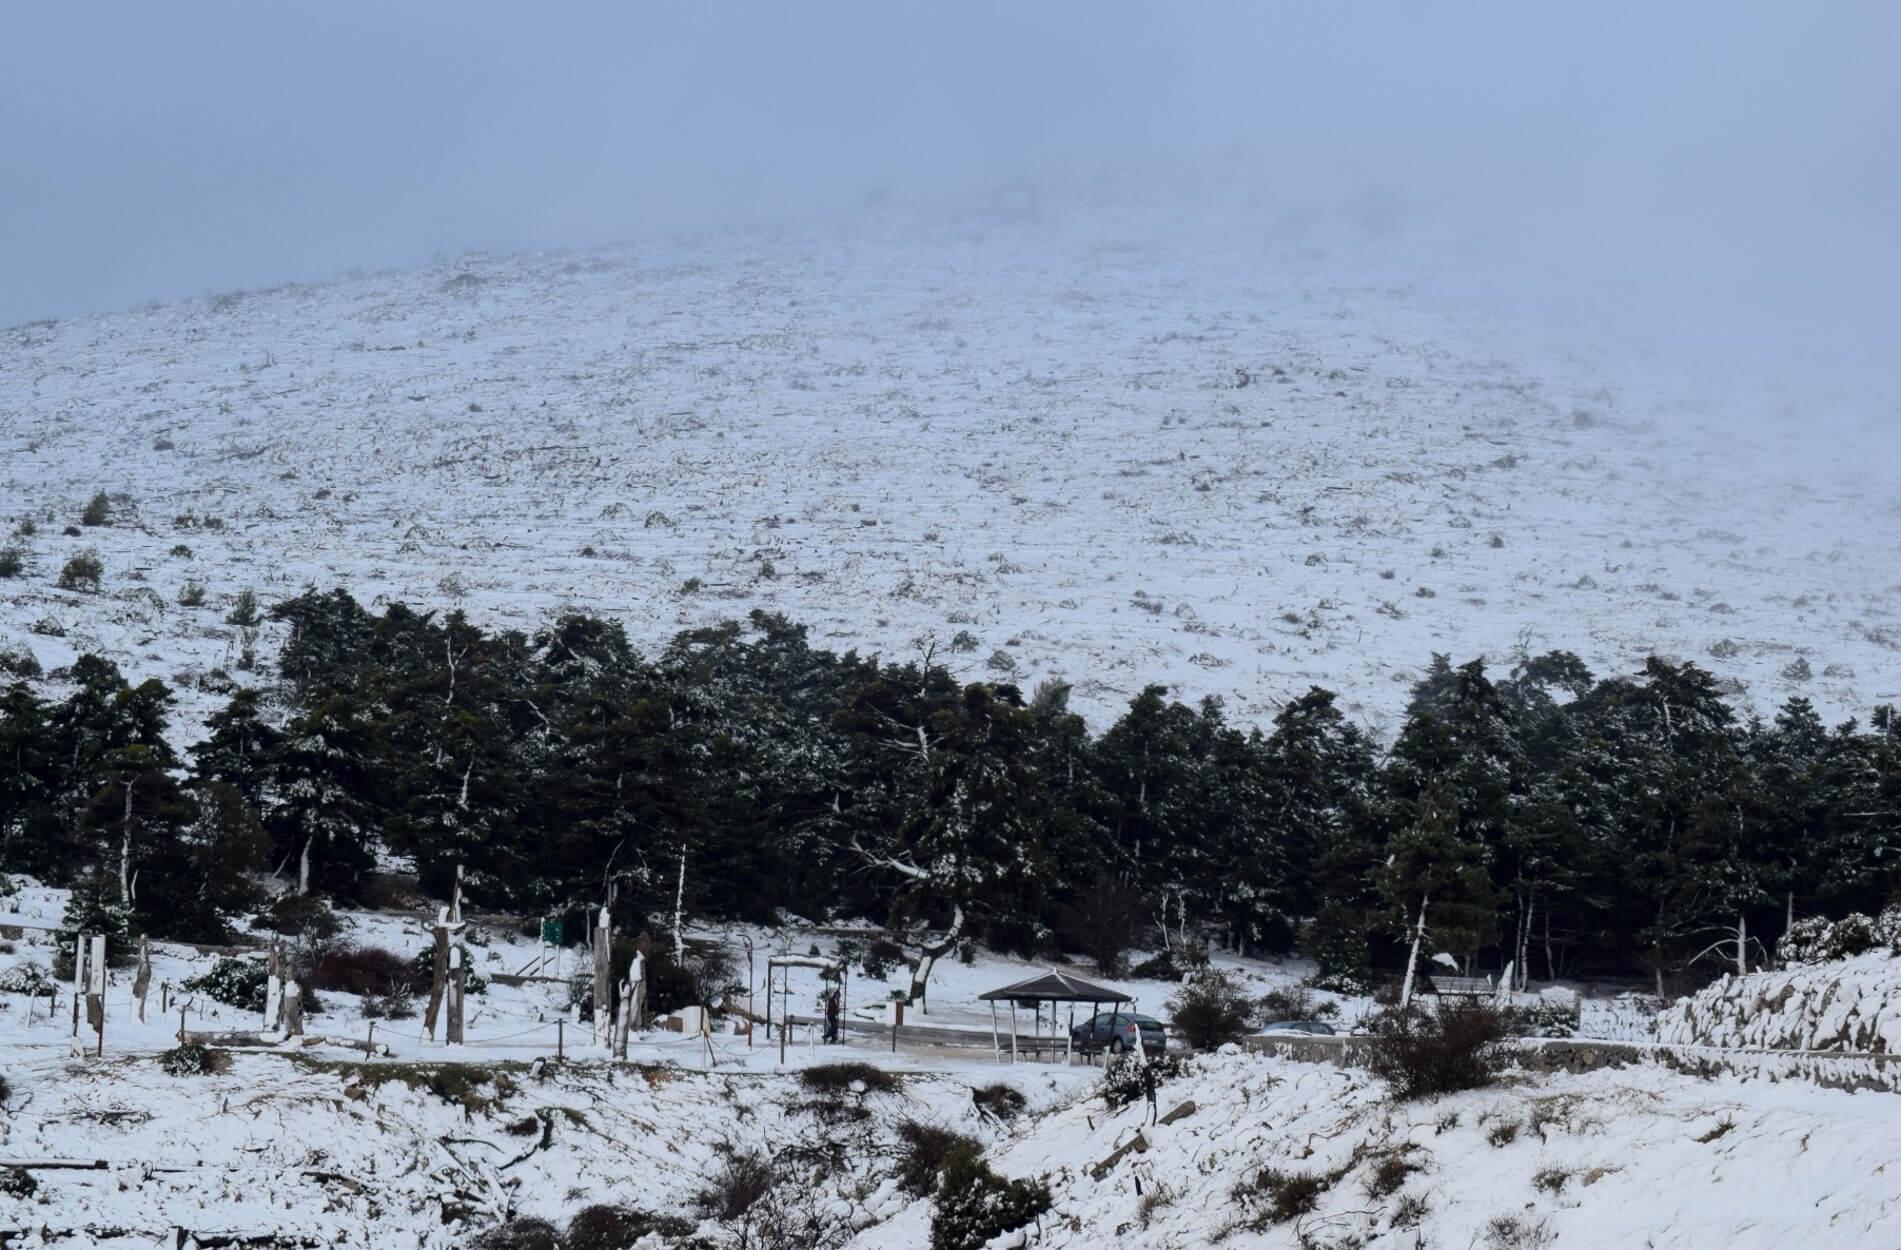 """Καιρός: """"Βούλιαξε"""" στο χιόνι η Πάρνηθα! Διακοπή της κυκλοφορίας - Εντυπωσιακές εικόνες από το Μπάφι - Χιόνια και στα βόρεια προάστια"""